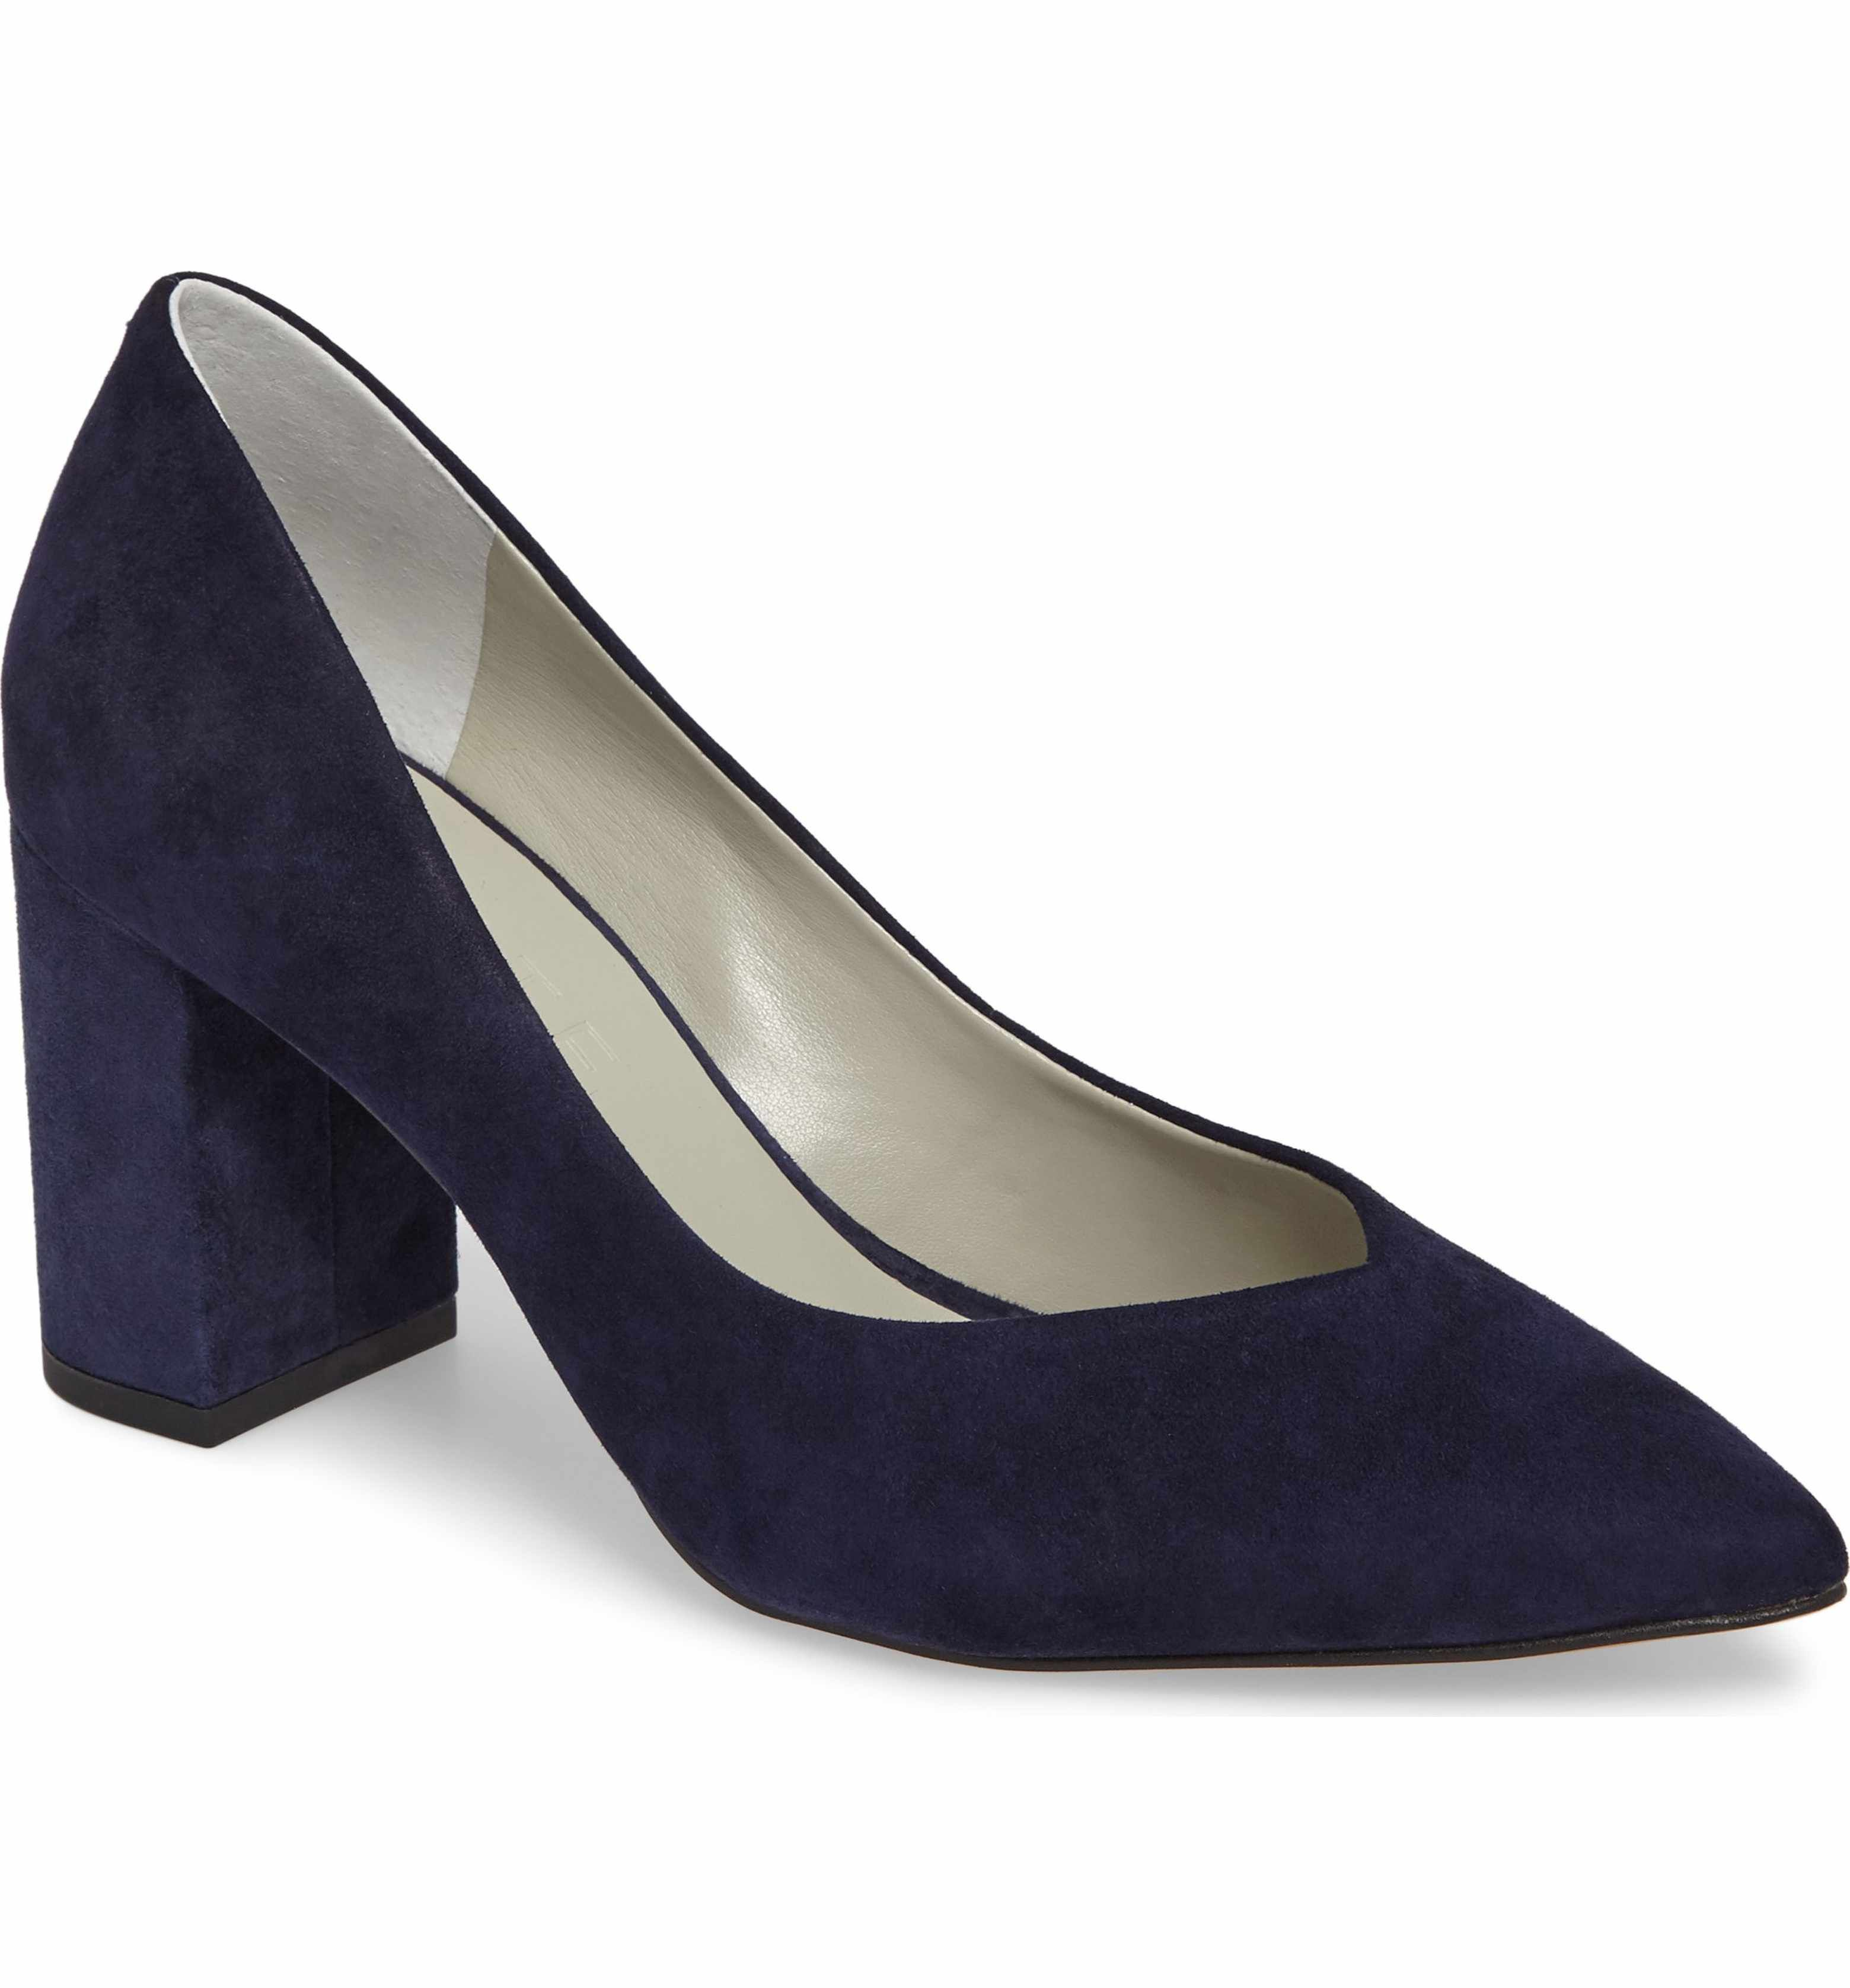 navy suede block heel pumps